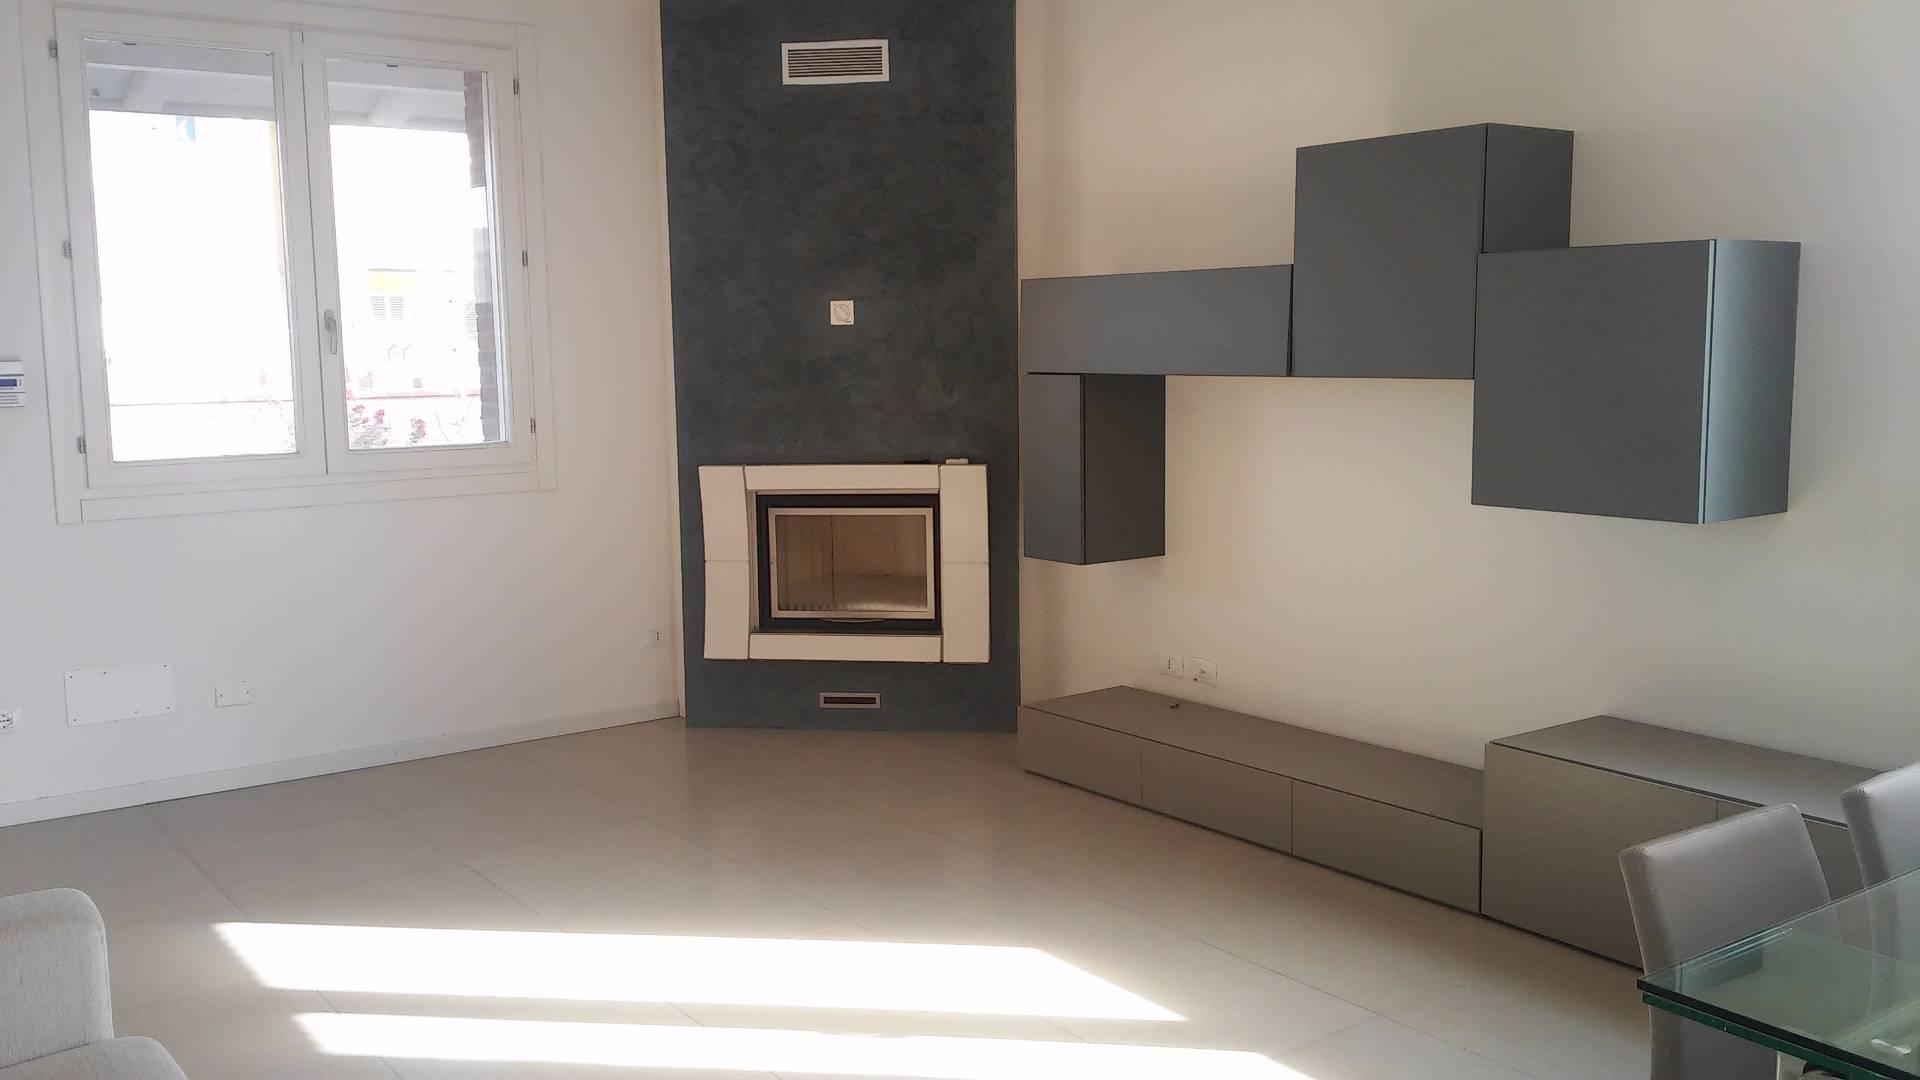 Villa Bifamiliare in affitto a Vigarano Mainarda, 5 locali, zona Località: MadonnaBoschi, prezzo € 1.600 | Cambio Casa.it